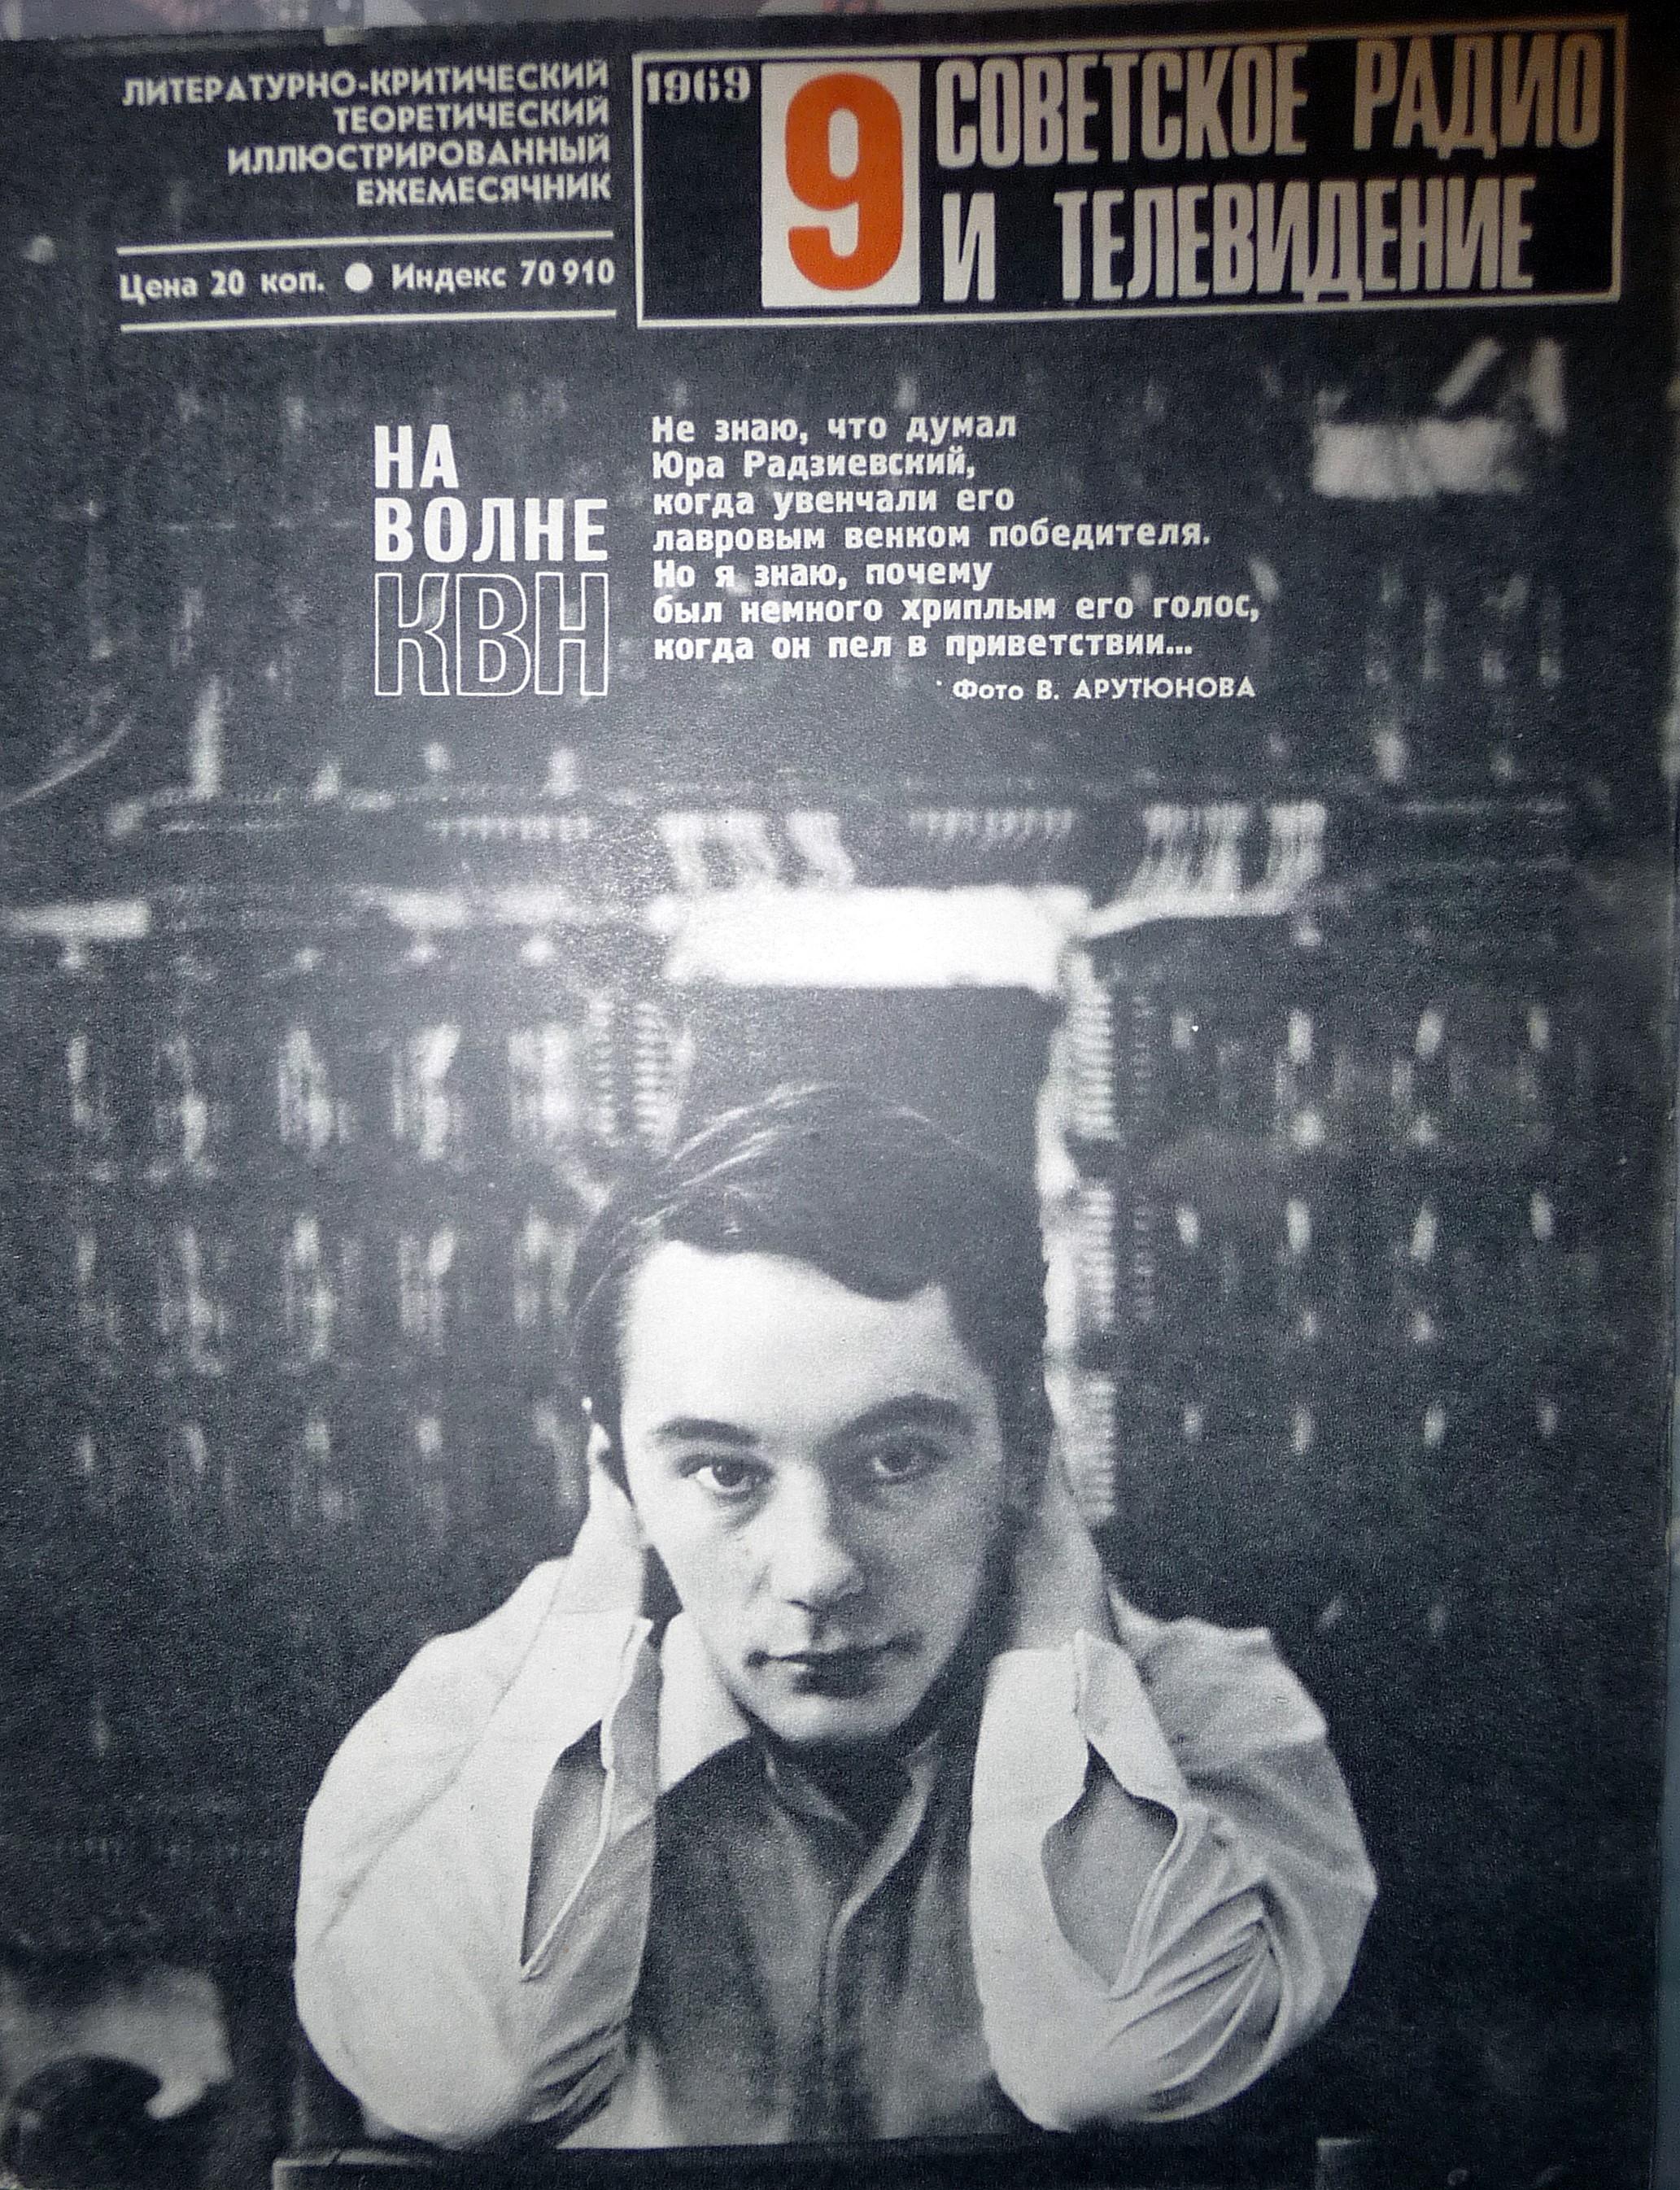 Советское радио и телевидение_1969_№9_Обложка